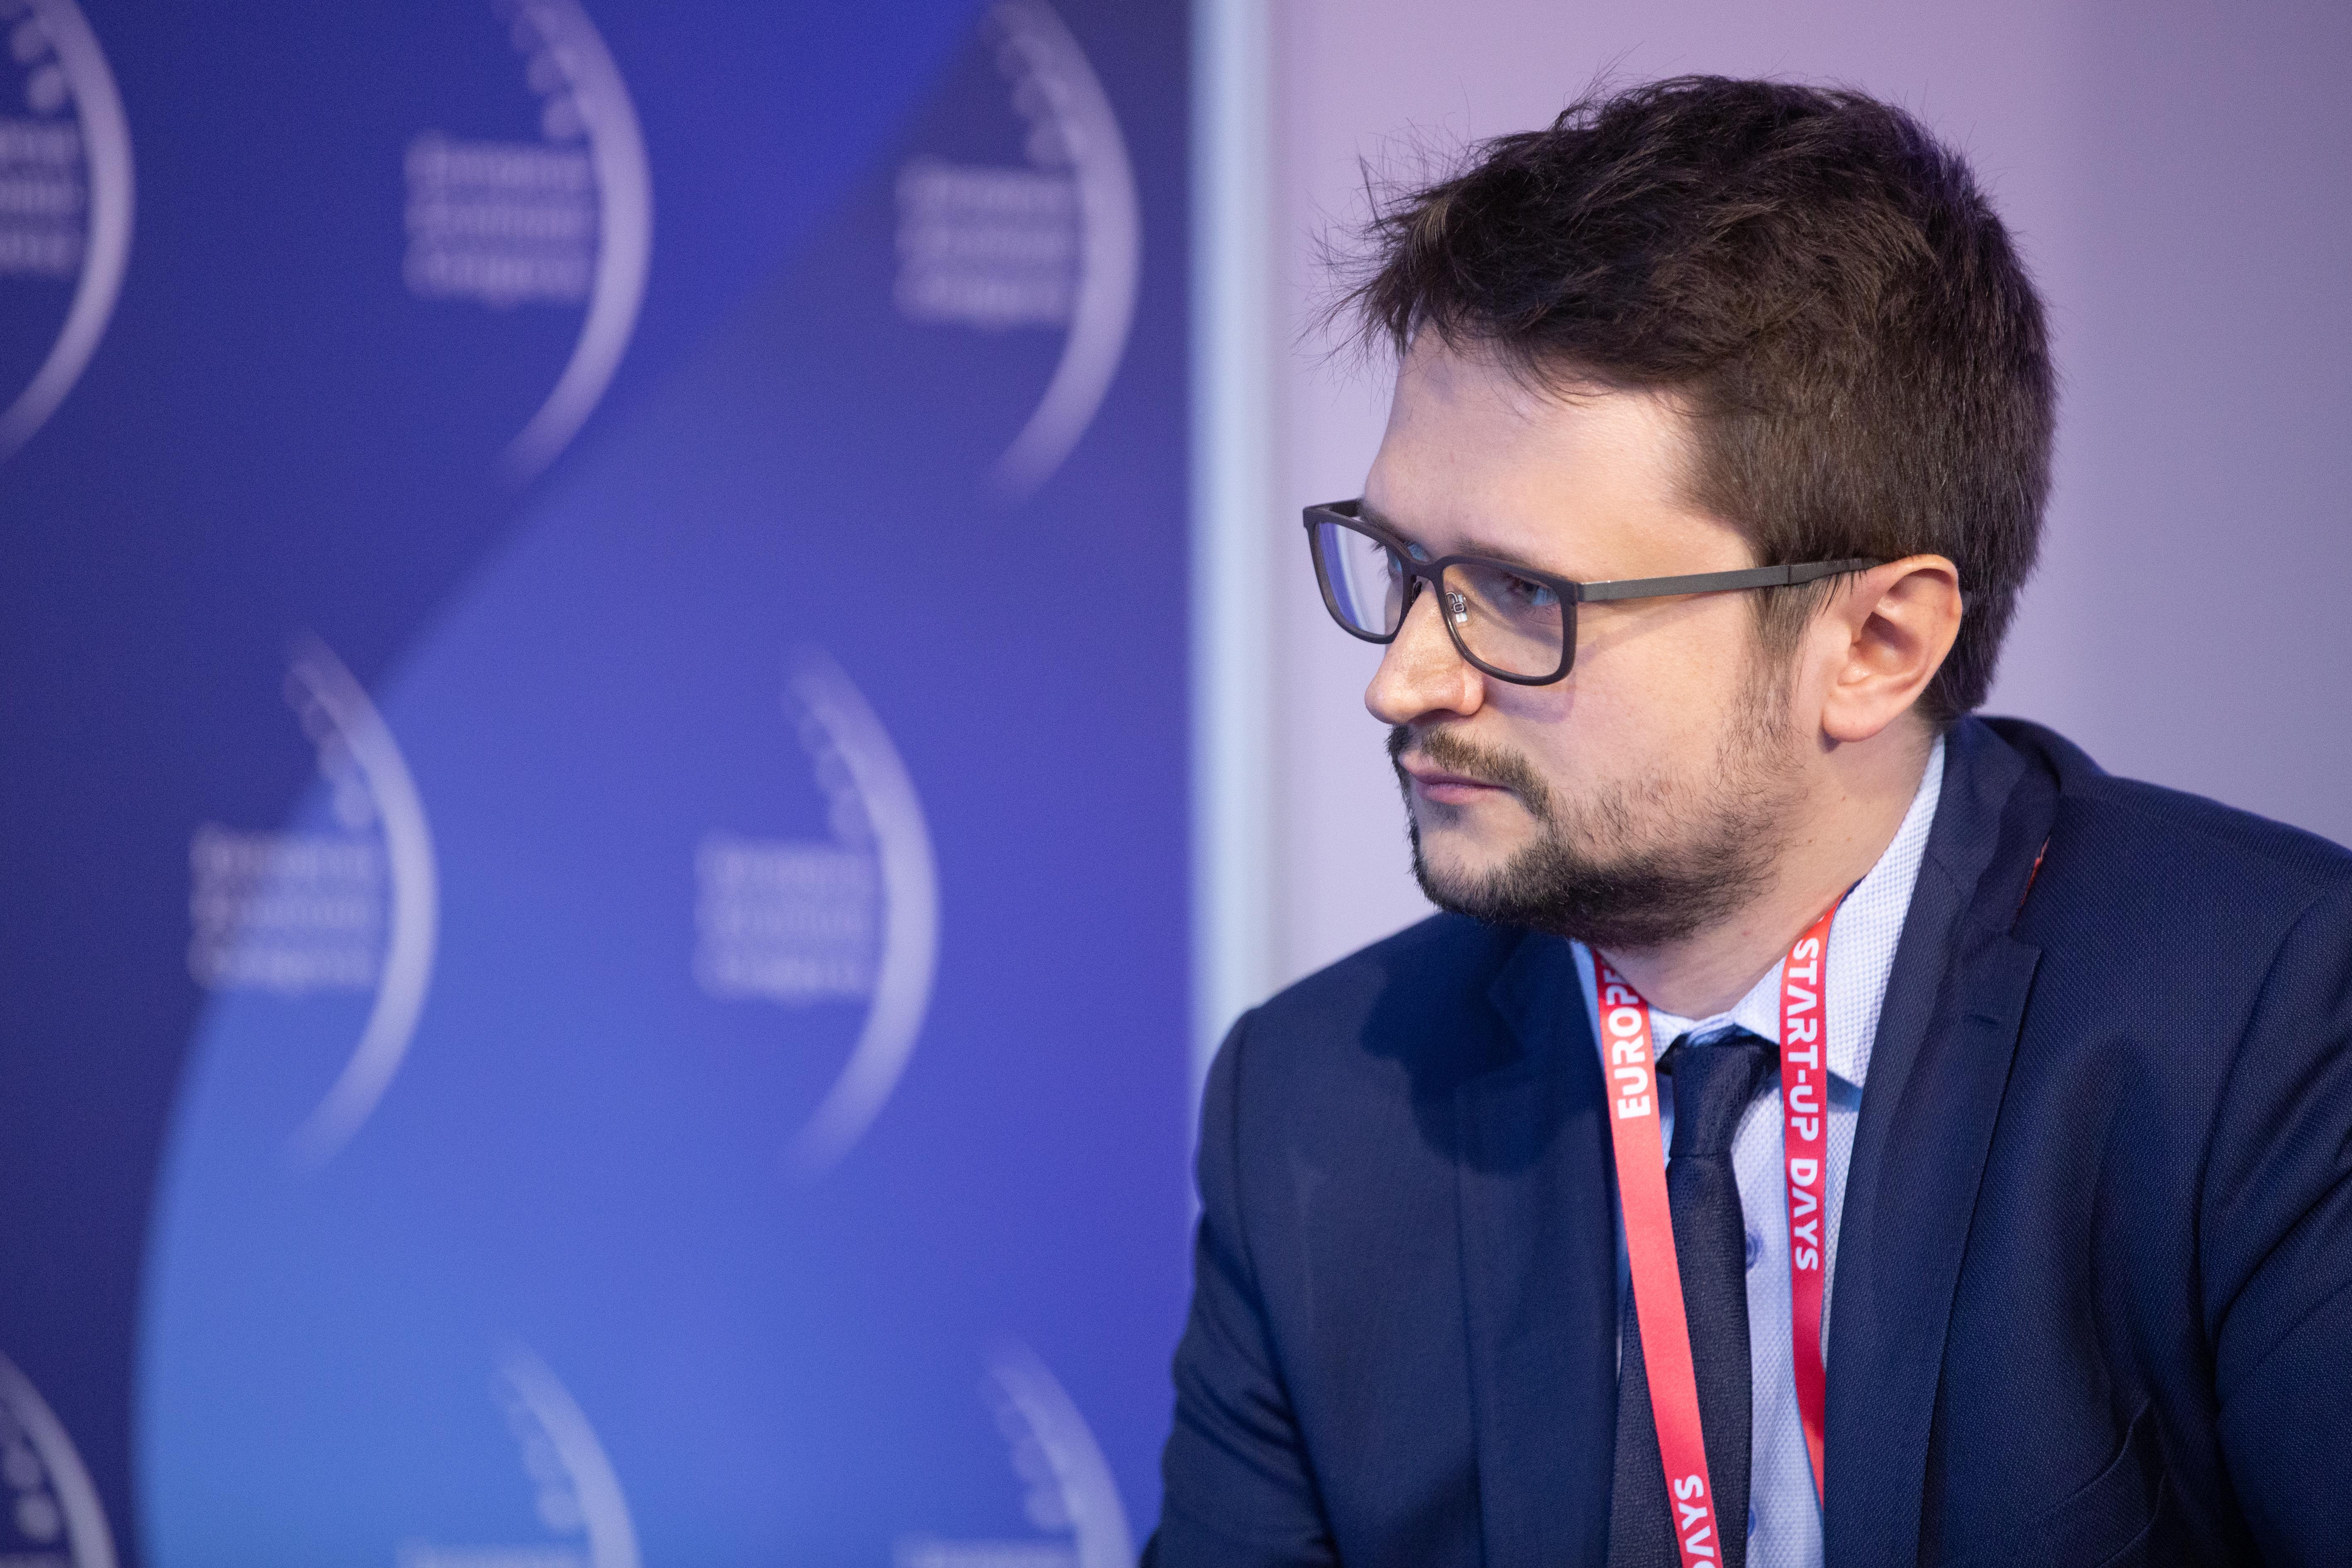 Robert Tomaszewski, starszy analityk ds. energetycznych w Polityka Insight